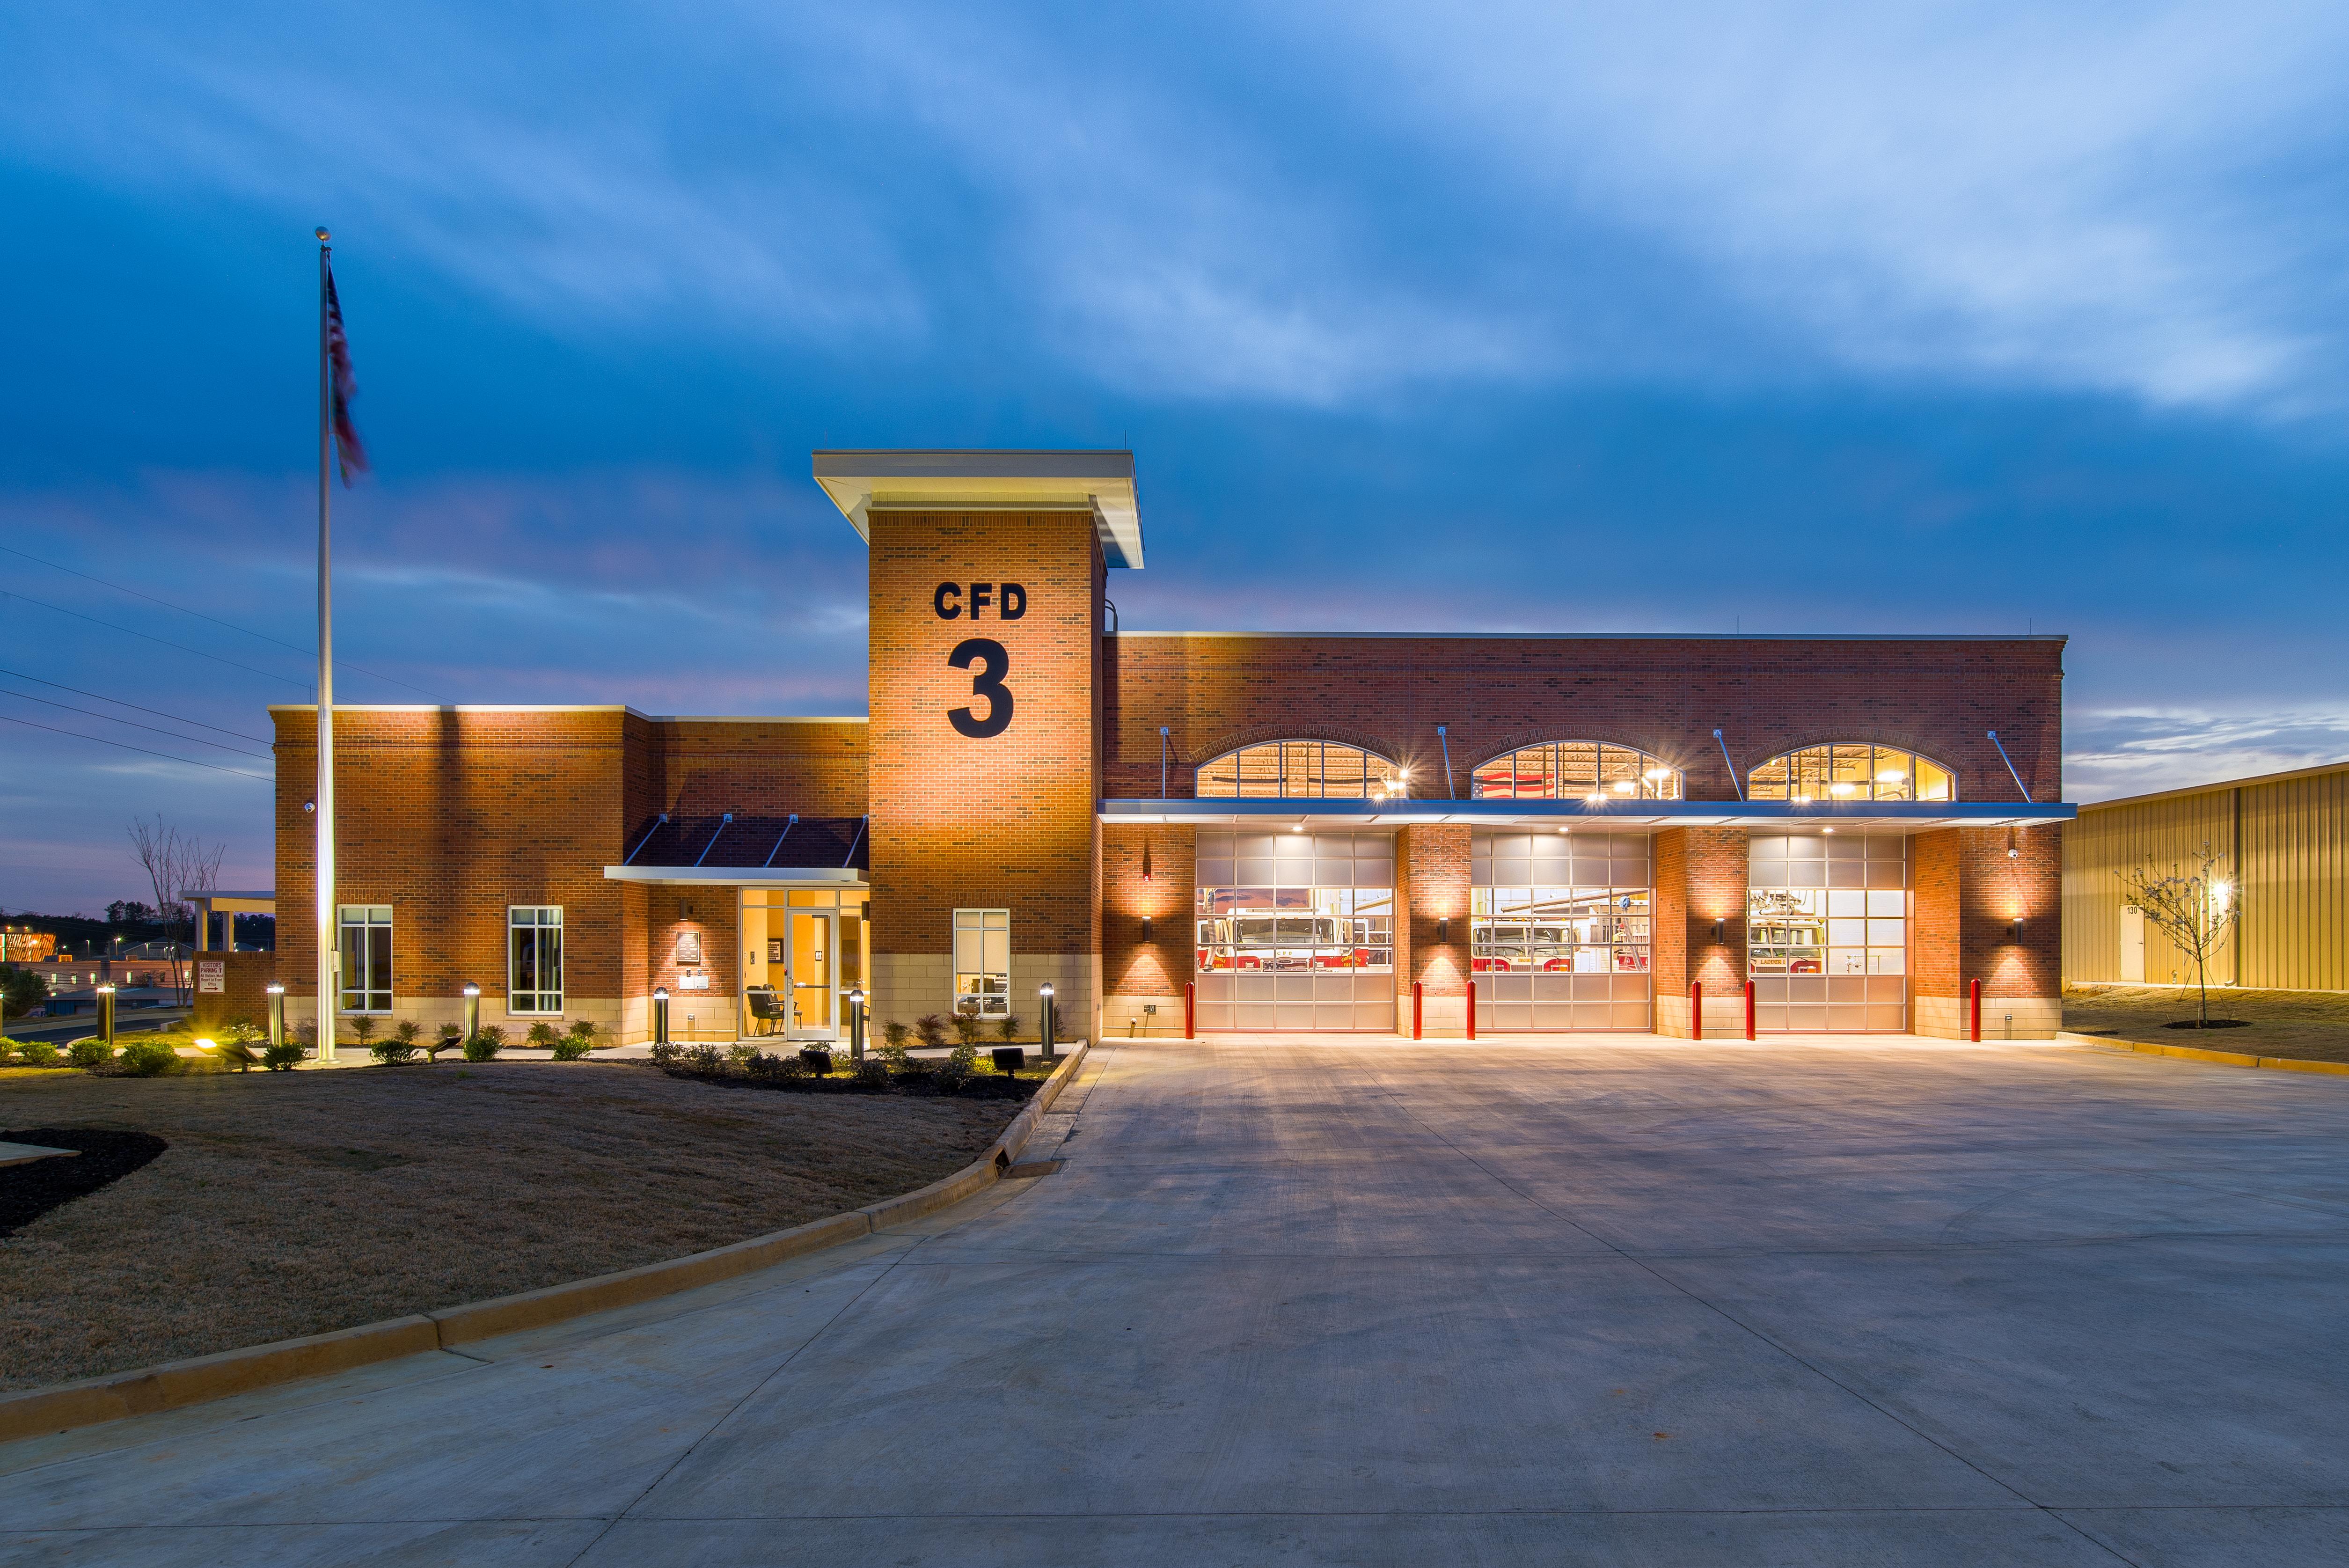 Cartersville Fire Station #3